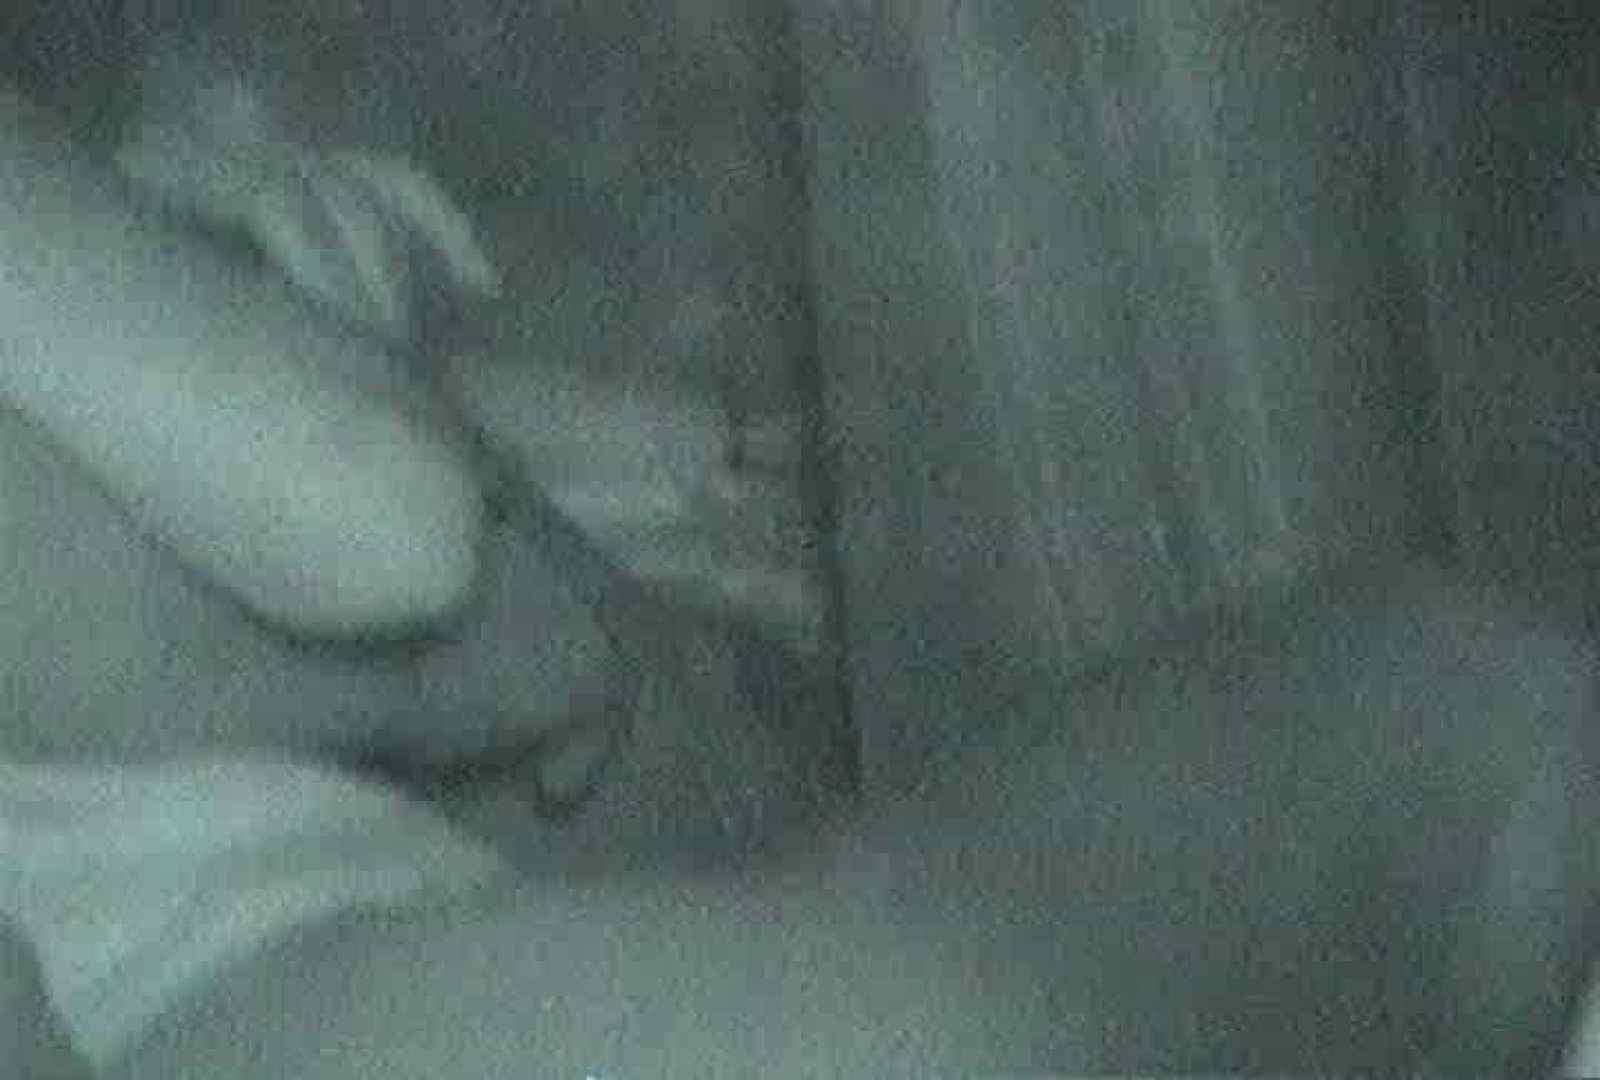 充血監督の深夜の運動会Vol.76 カップル盗撮 | エッチなセックス  84画像 57